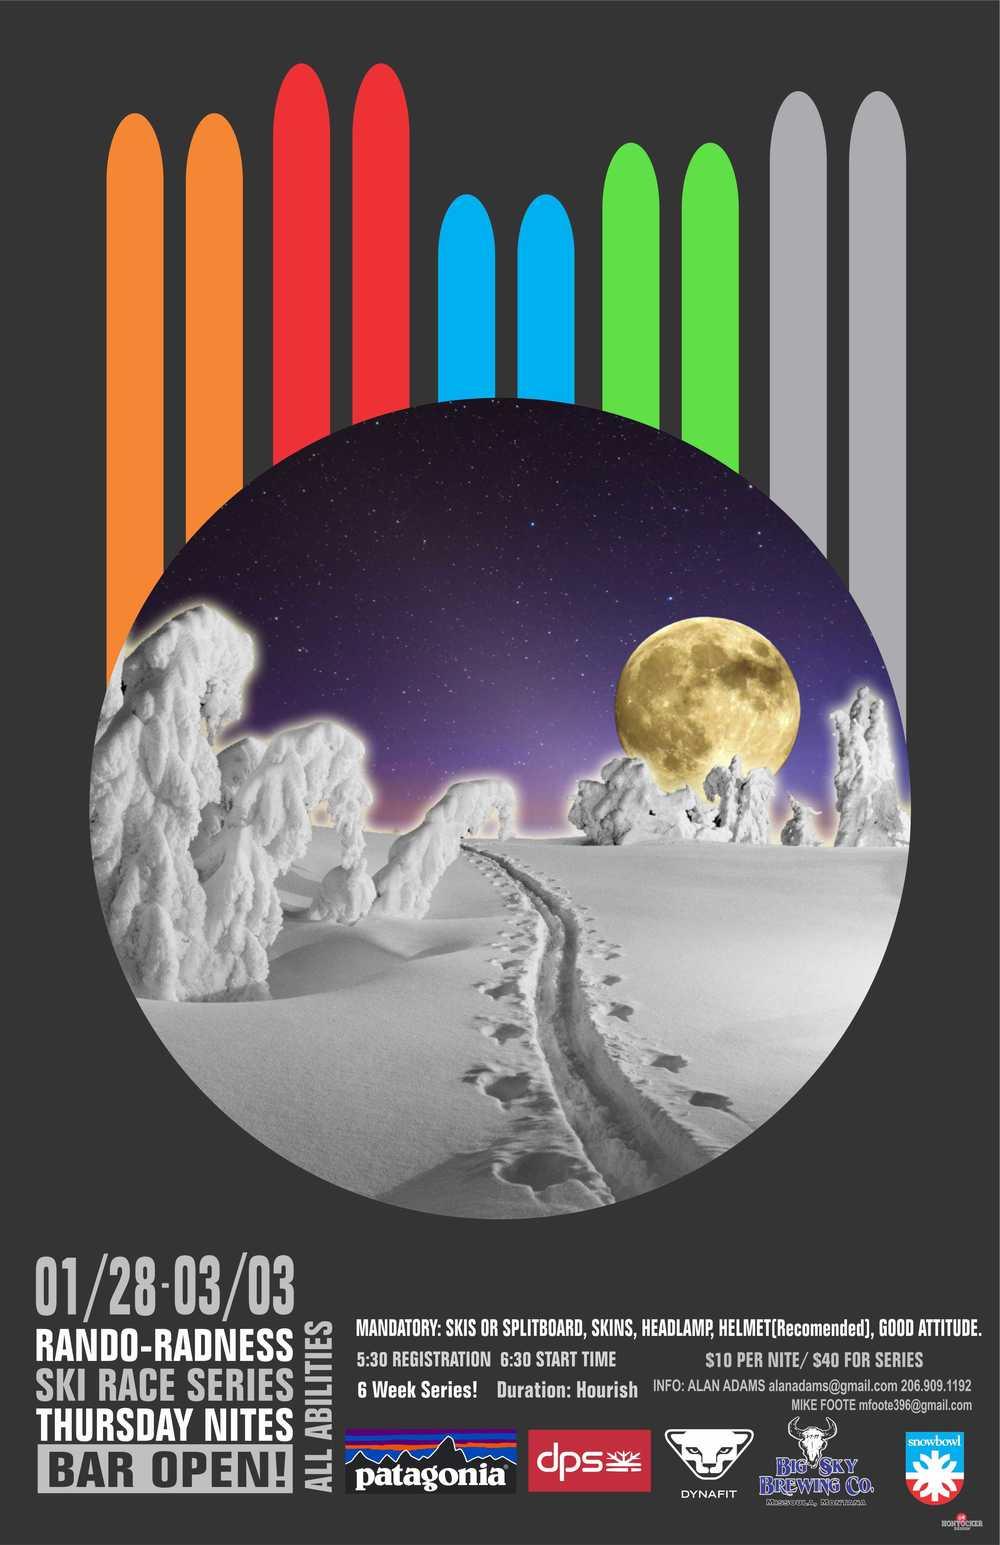 Rando-Radness 2016 Poster